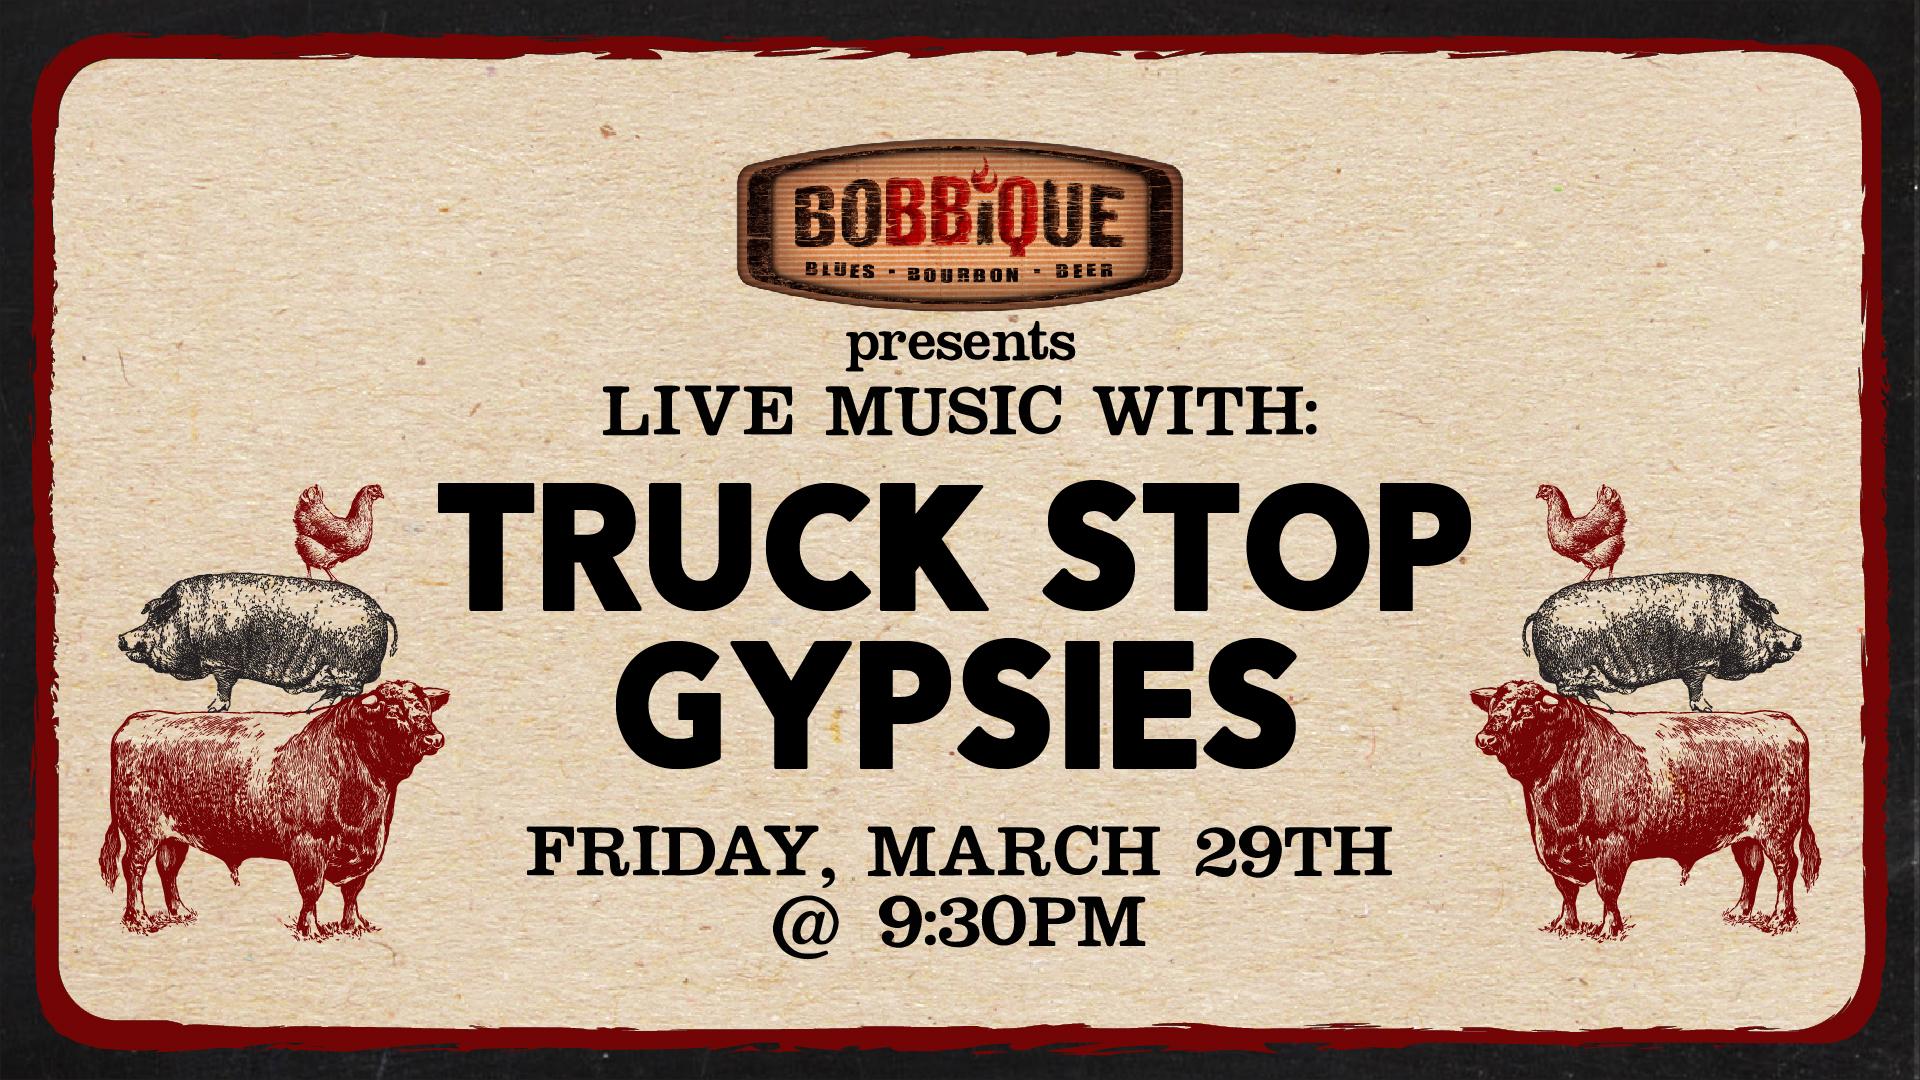 Truck Stop Gypsies